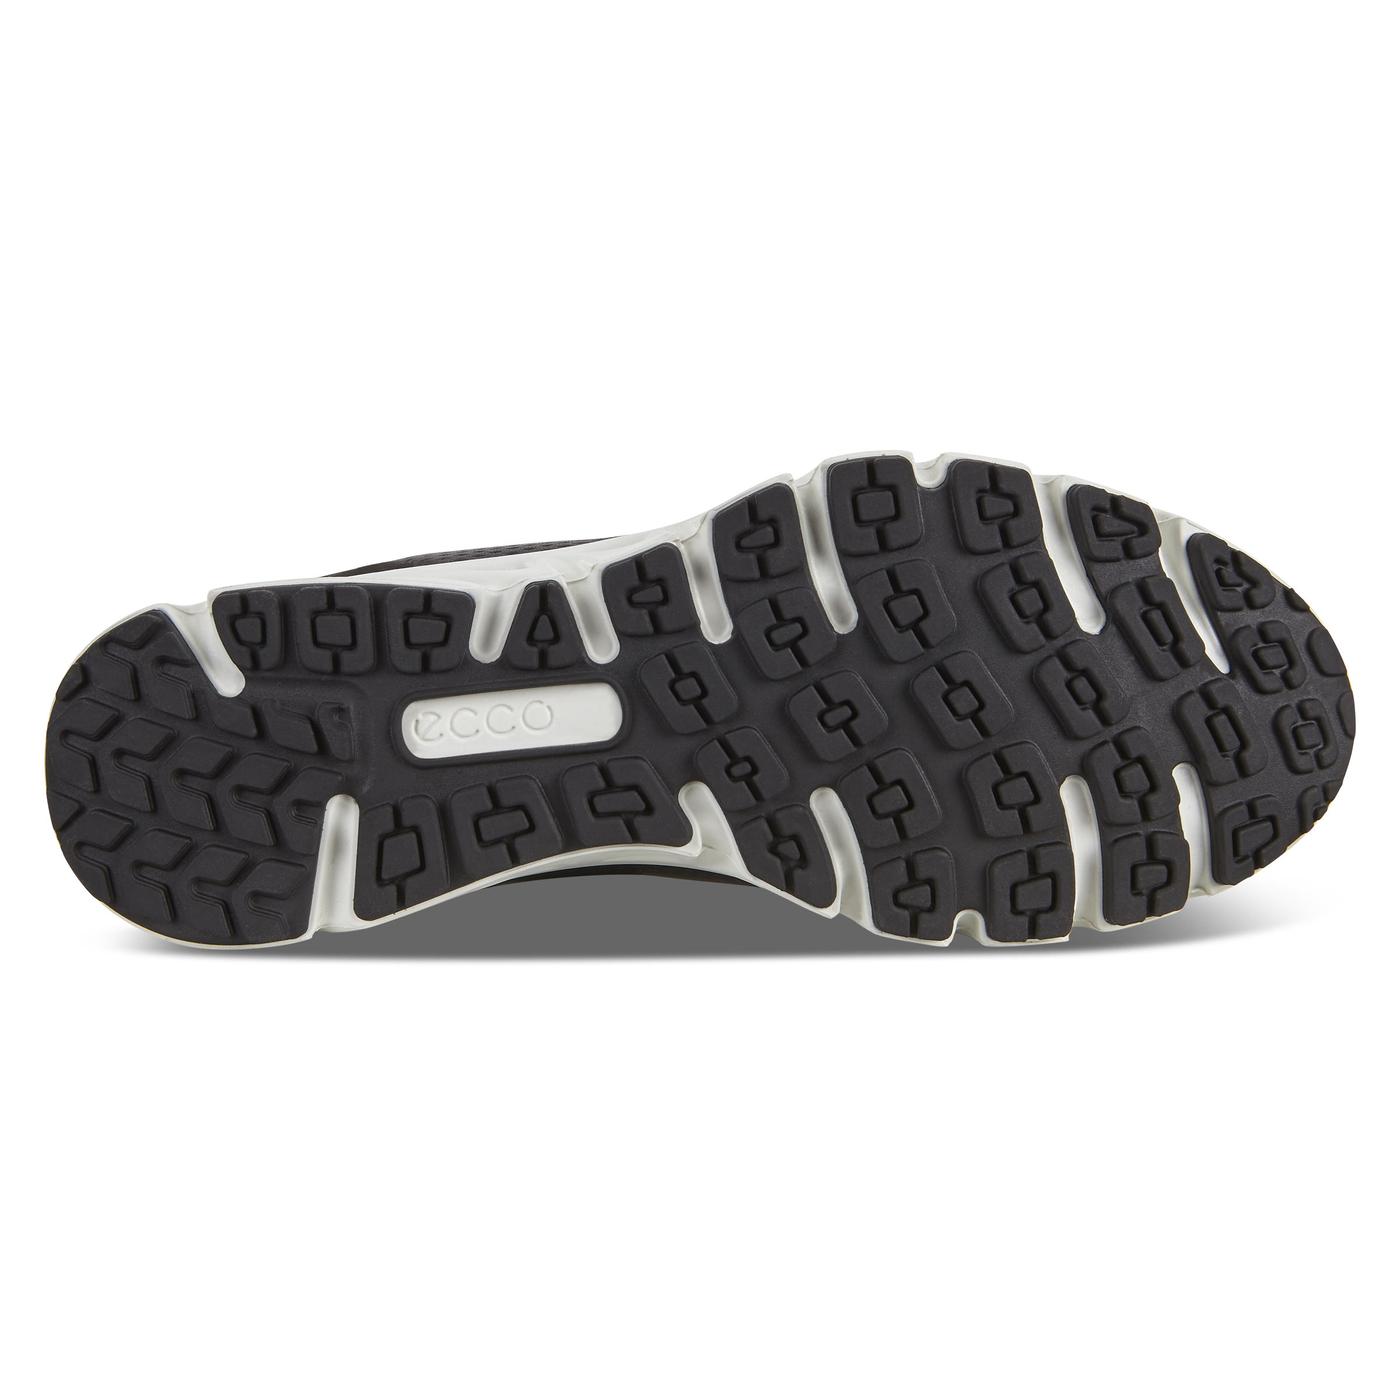 ECCO OMNI-VENT Womens Leather Sneaker